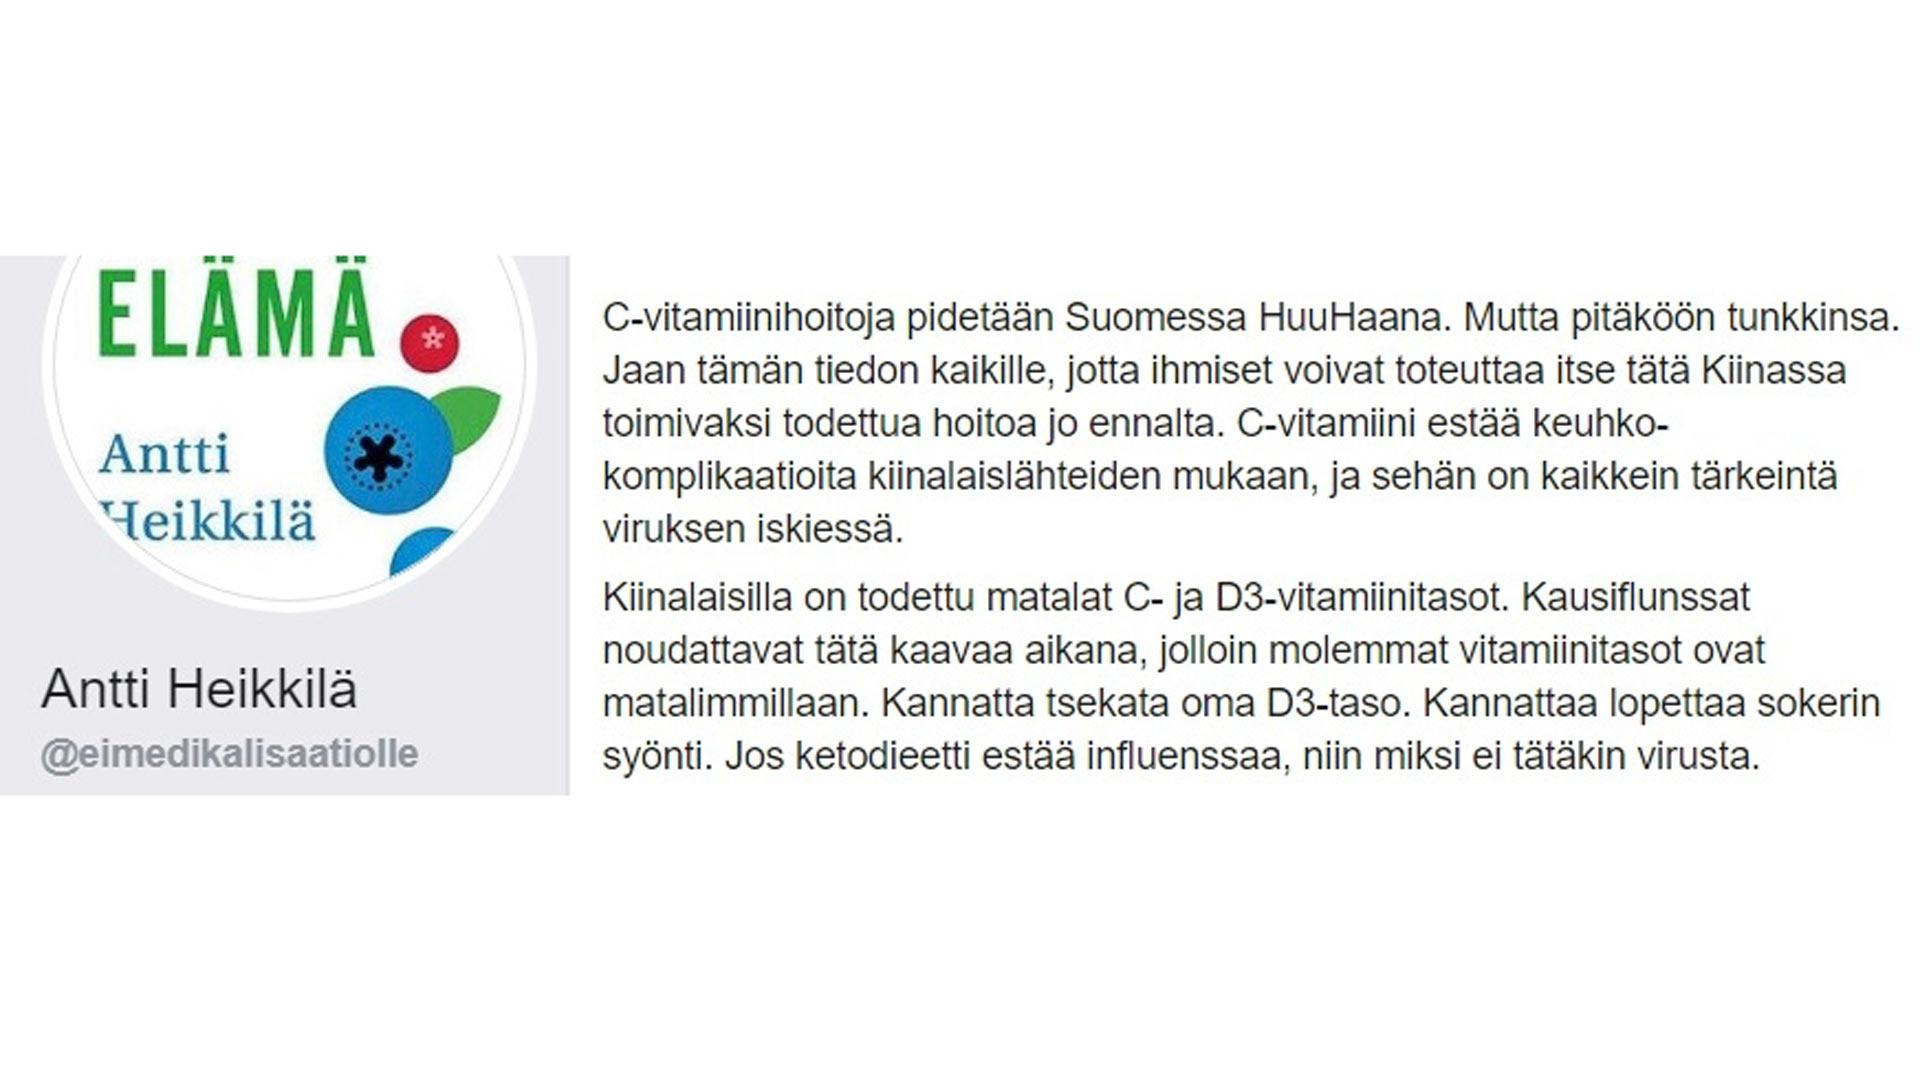 Antti Heikkilä ja C-vitamiini